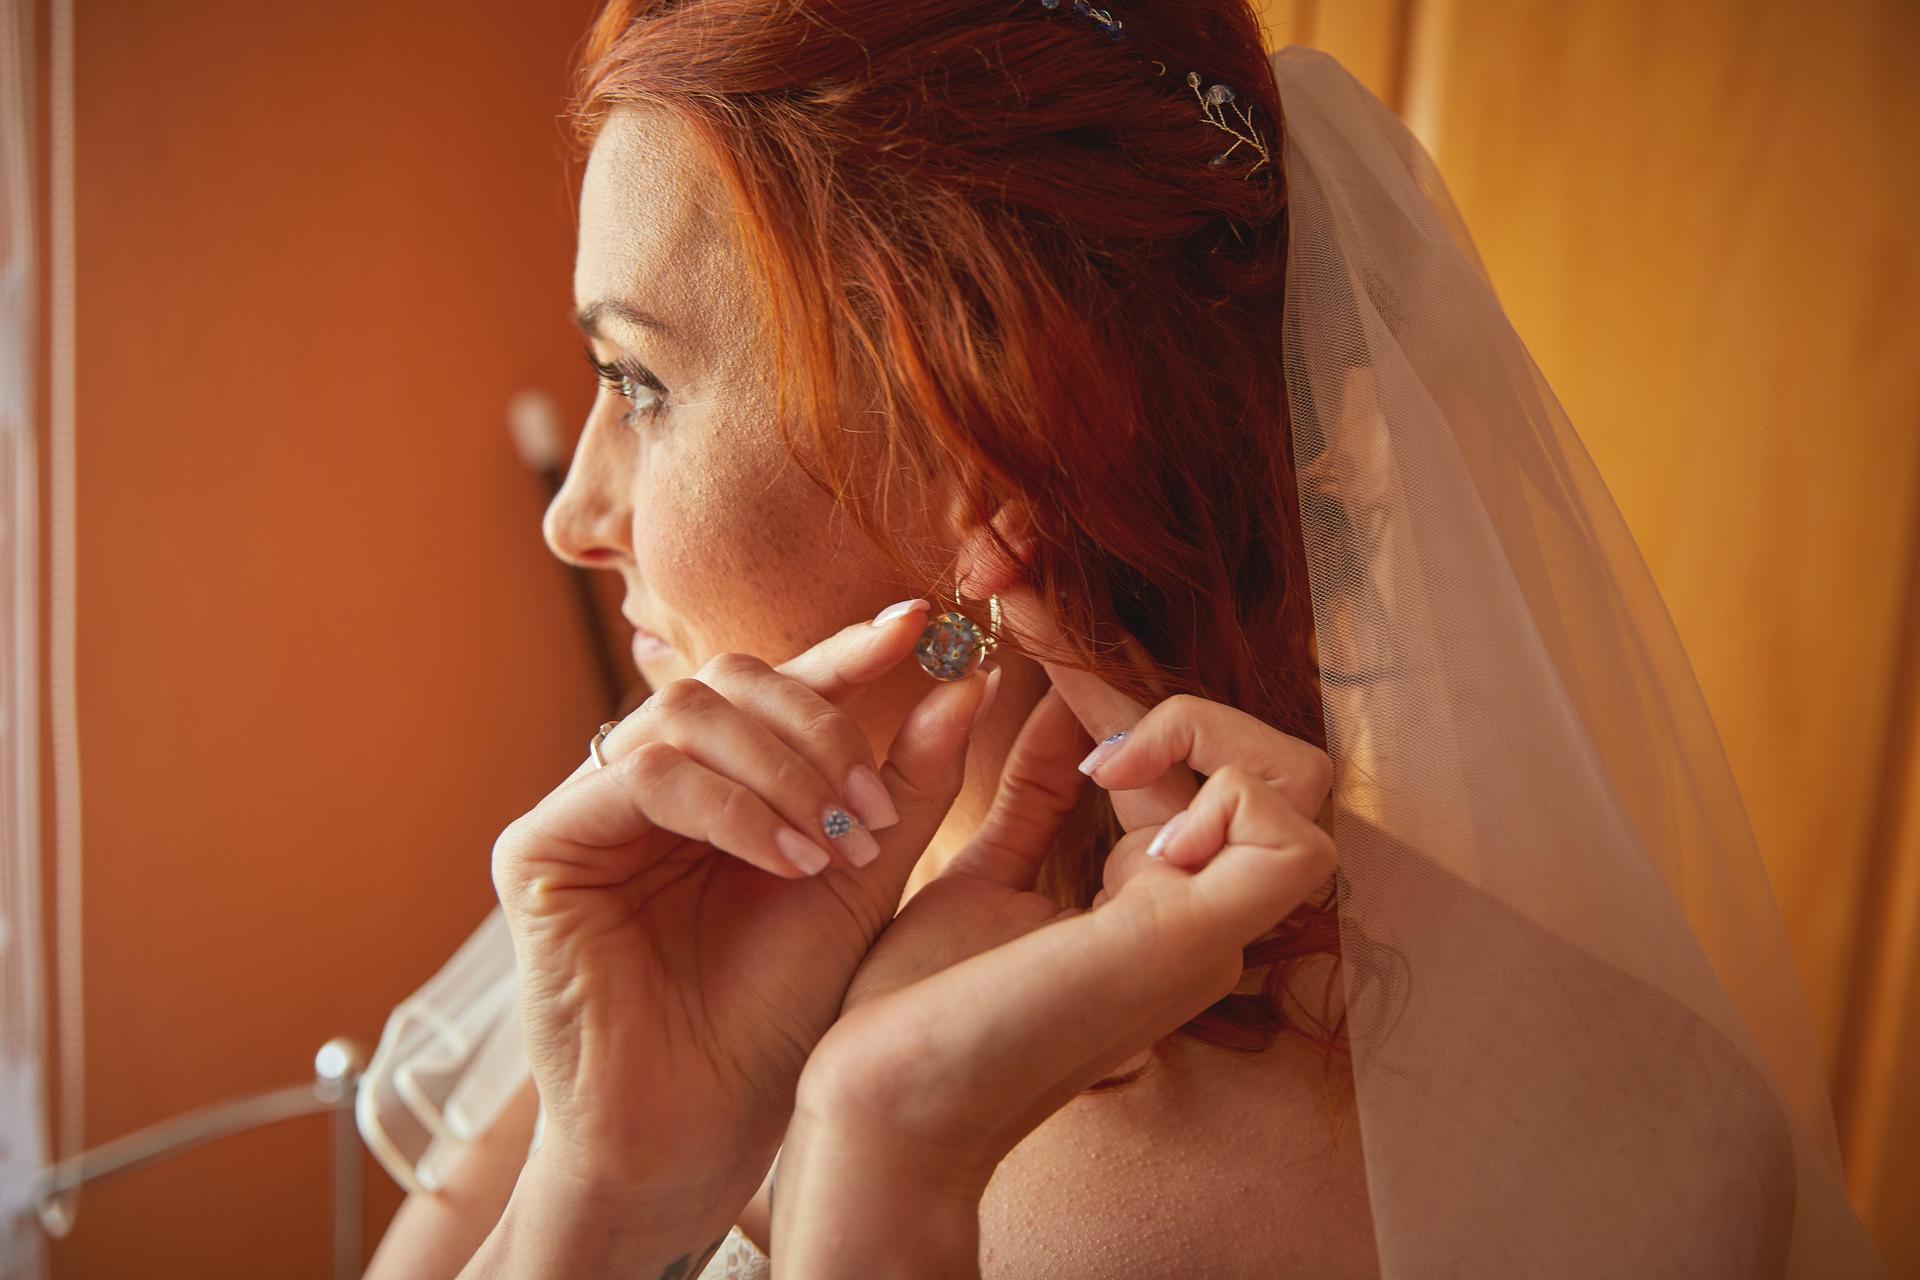 Svatba 6.6.2020 - Doplňky: Vitalia Art  Pomněnky, ať žijí!